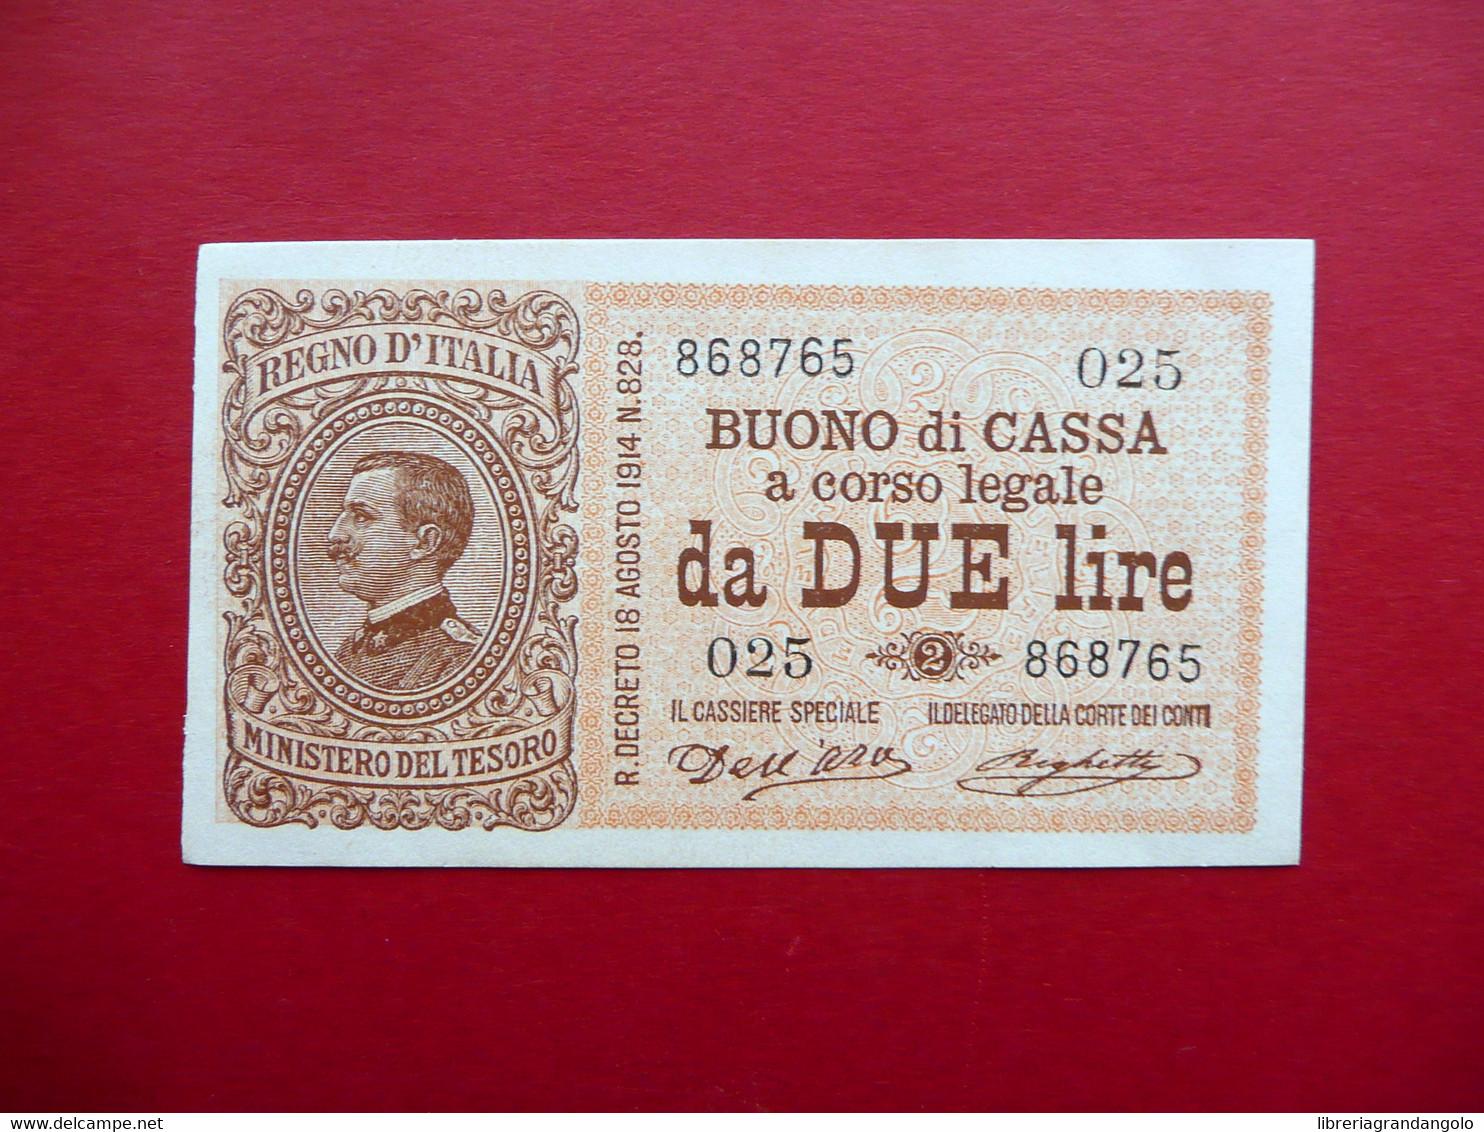 Buono Di Cassa A Corso Legale Lire Due N. 868765 Regno D'Italia Fior Di Stampa - Non Classificati